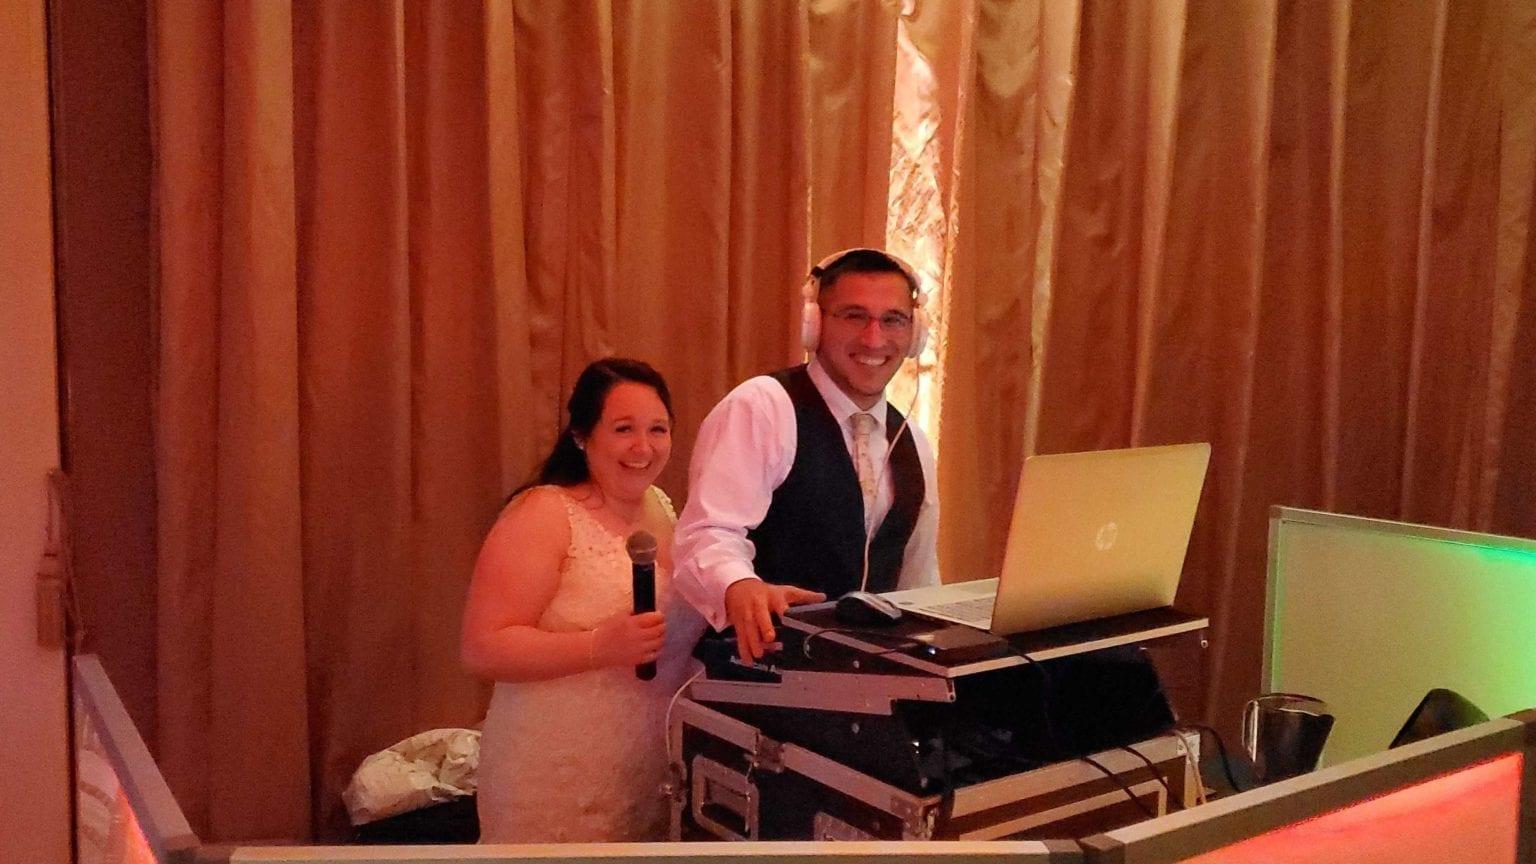 Daniel & Lauren's Wedding DJing